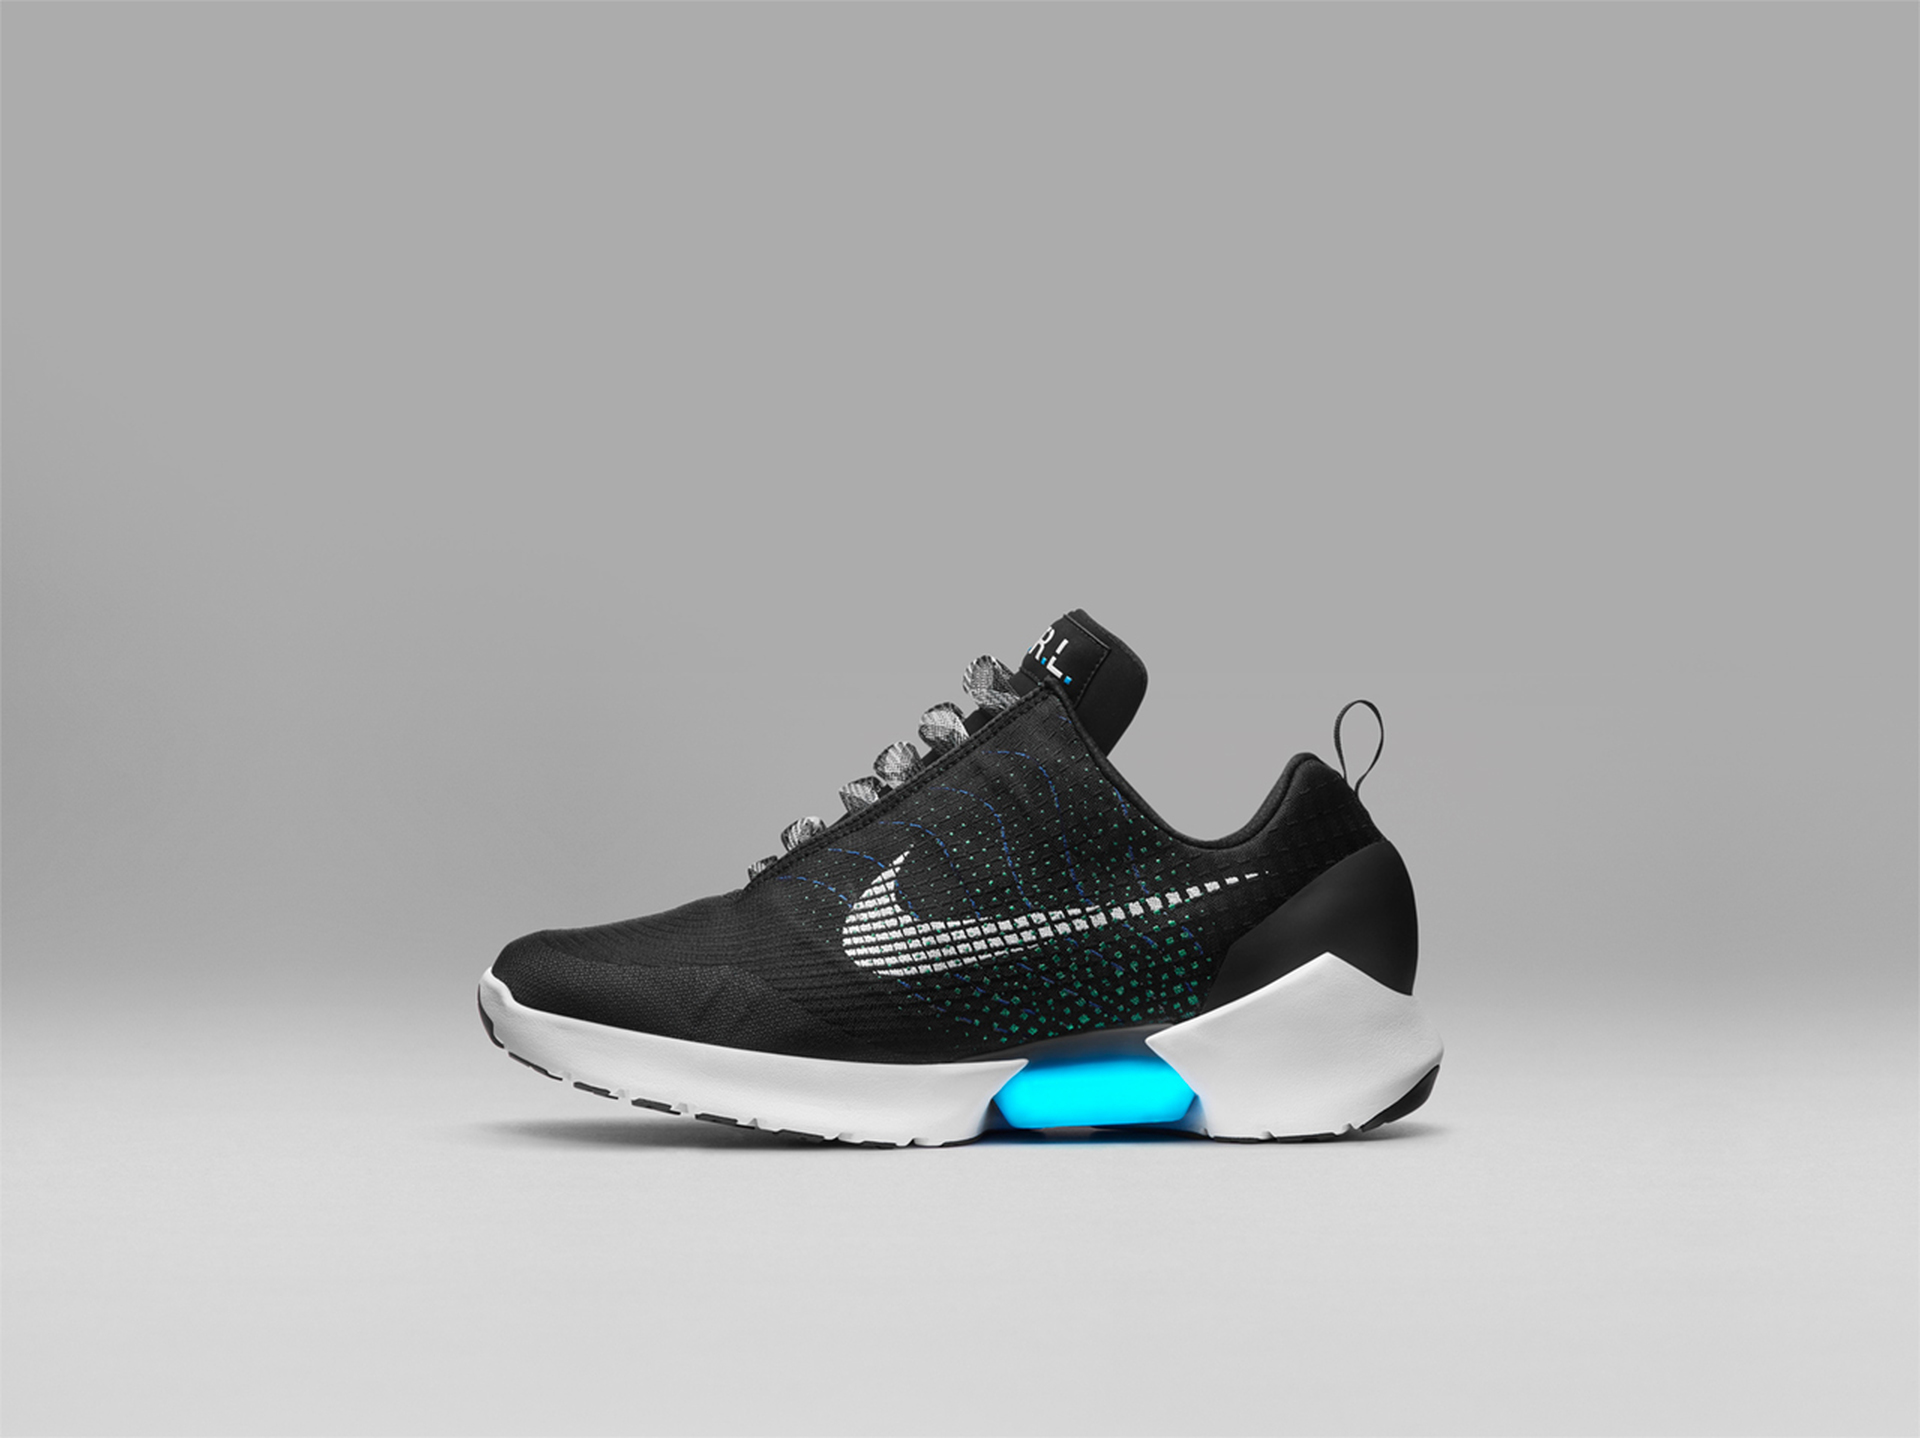 cd35def3a4afc Самозашнуровывающиеся кроссовки Nike выходят в продажу